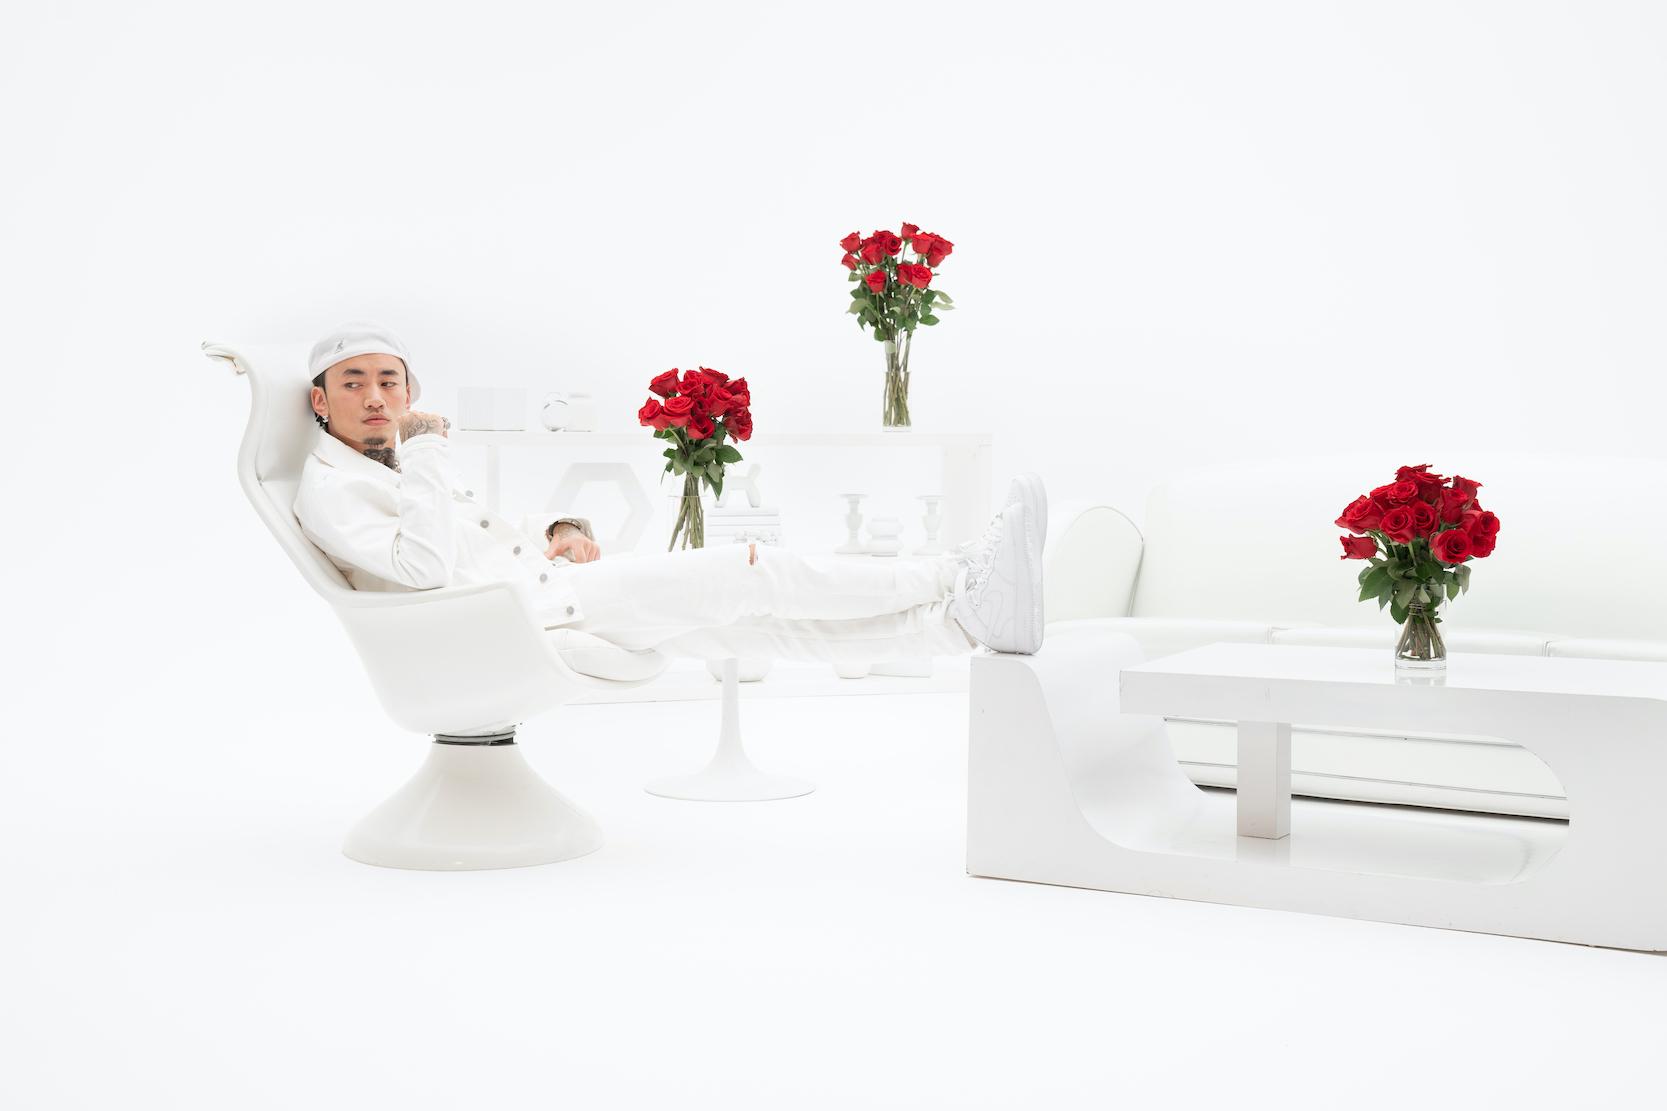 中国人ヒップホップアーティストMasiweiが初のソロアルバムリリース